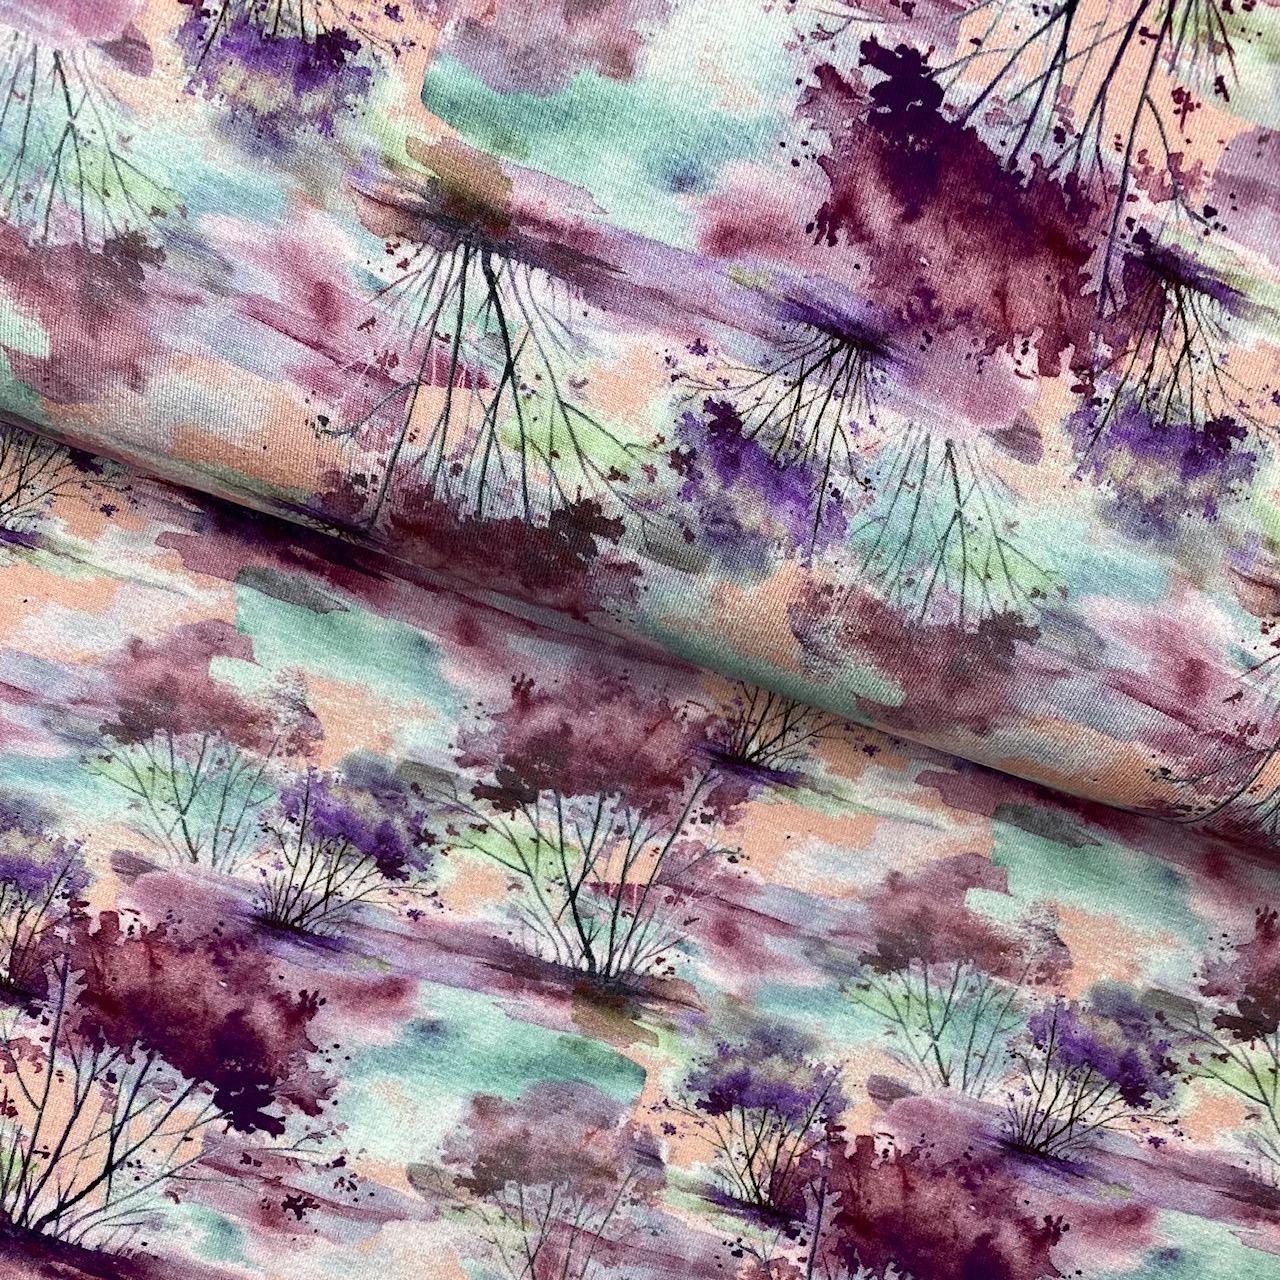 Viskosenjersey, Digital Druck, Bäume, rosa/lila.  Art. 4865/1413